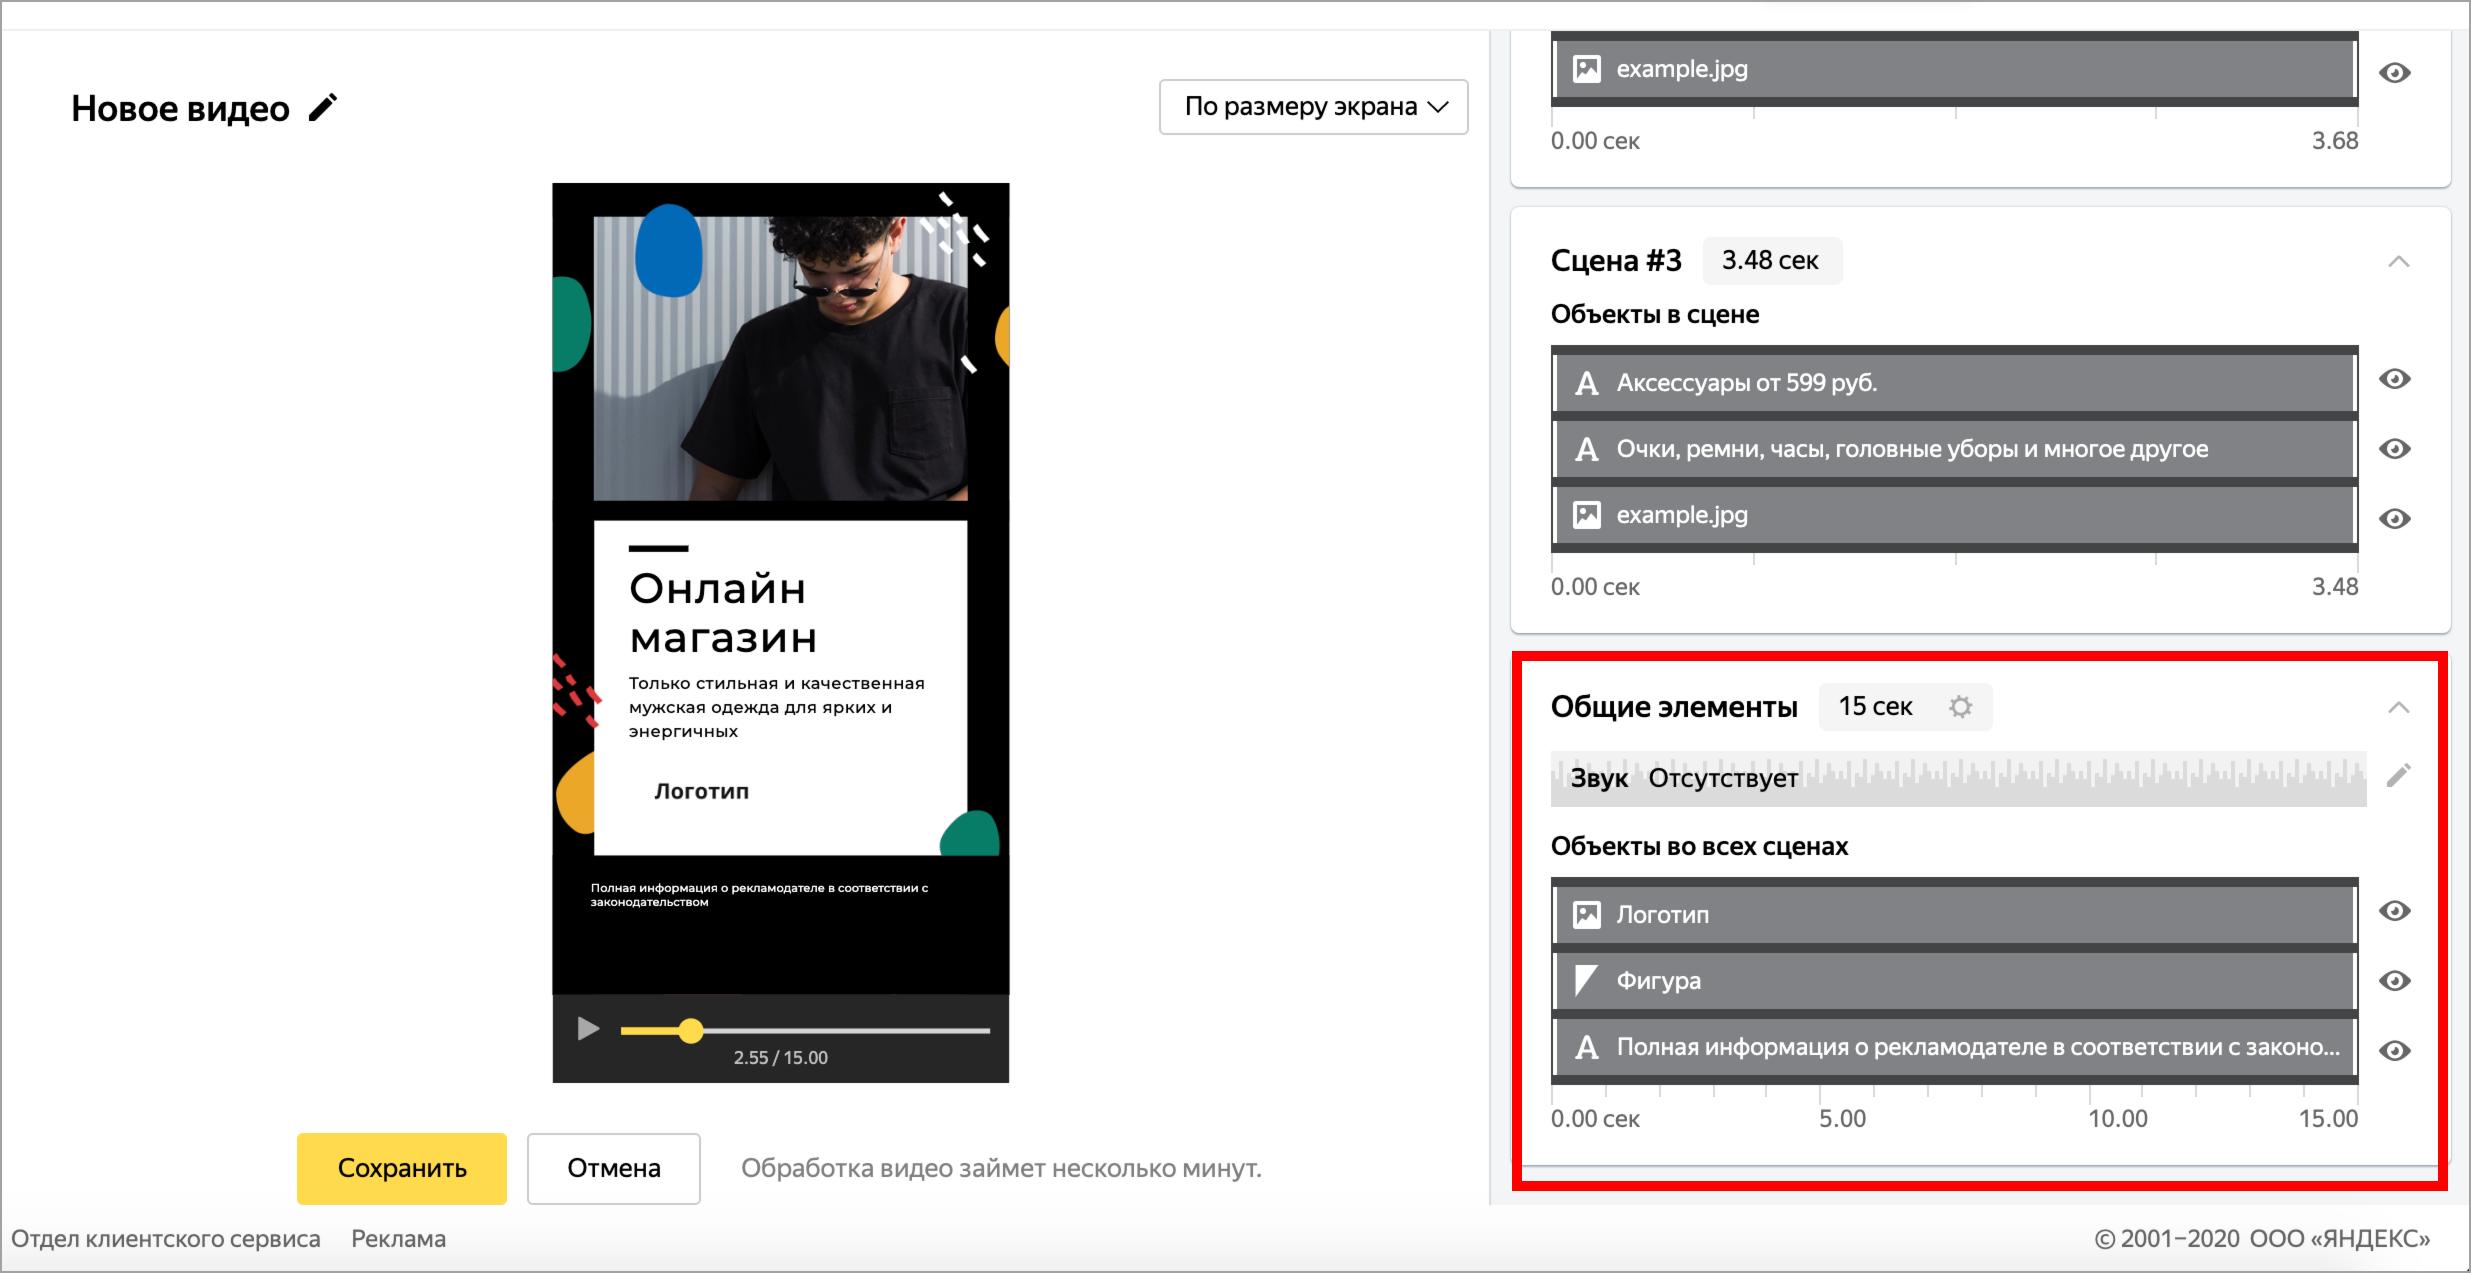 Видеоконструктор в Директе теперь поддерживает пользовательские видео